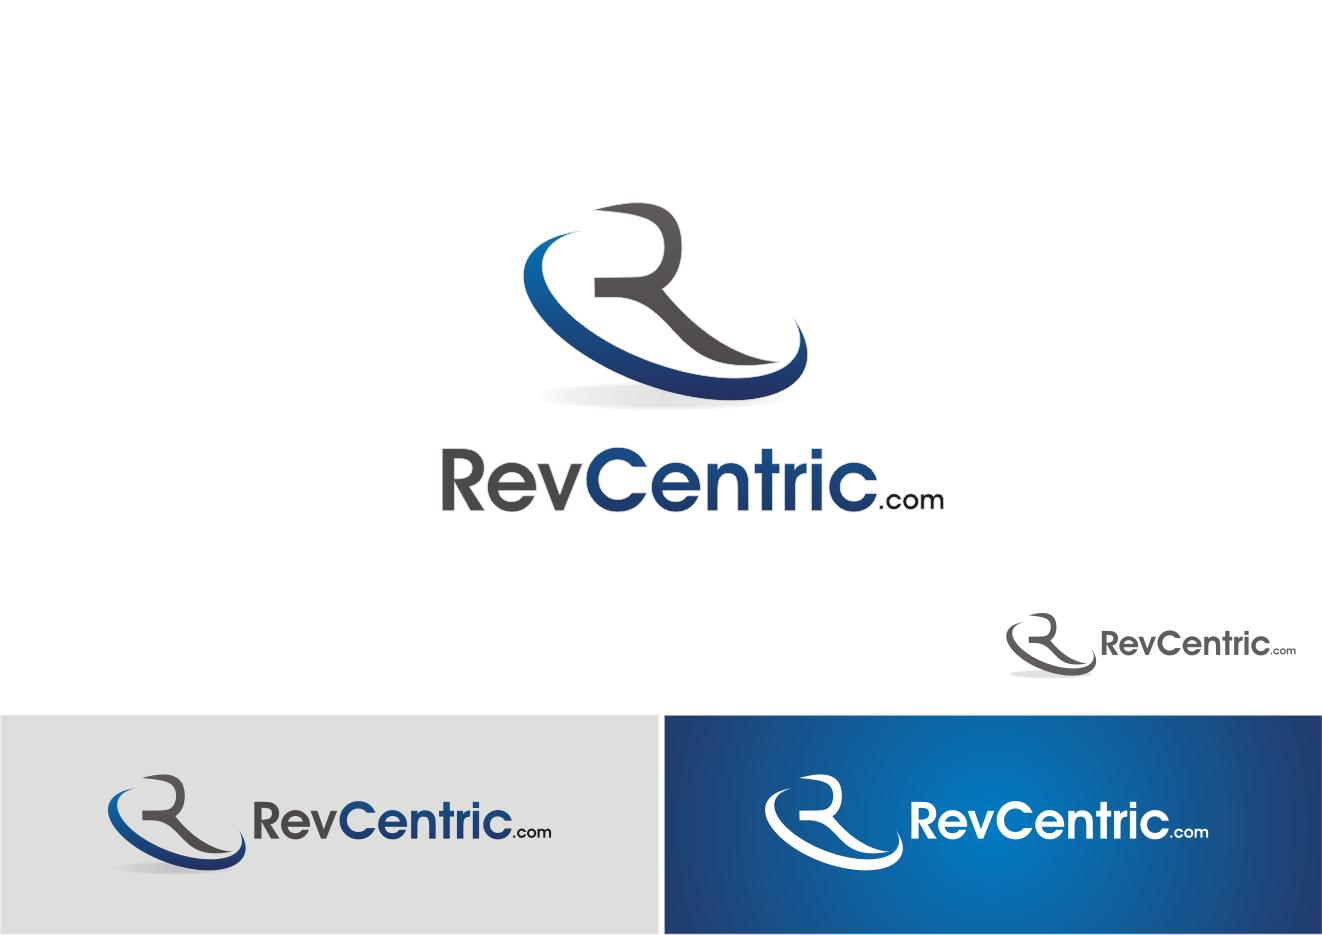 Create the next logo for RevCentric.com